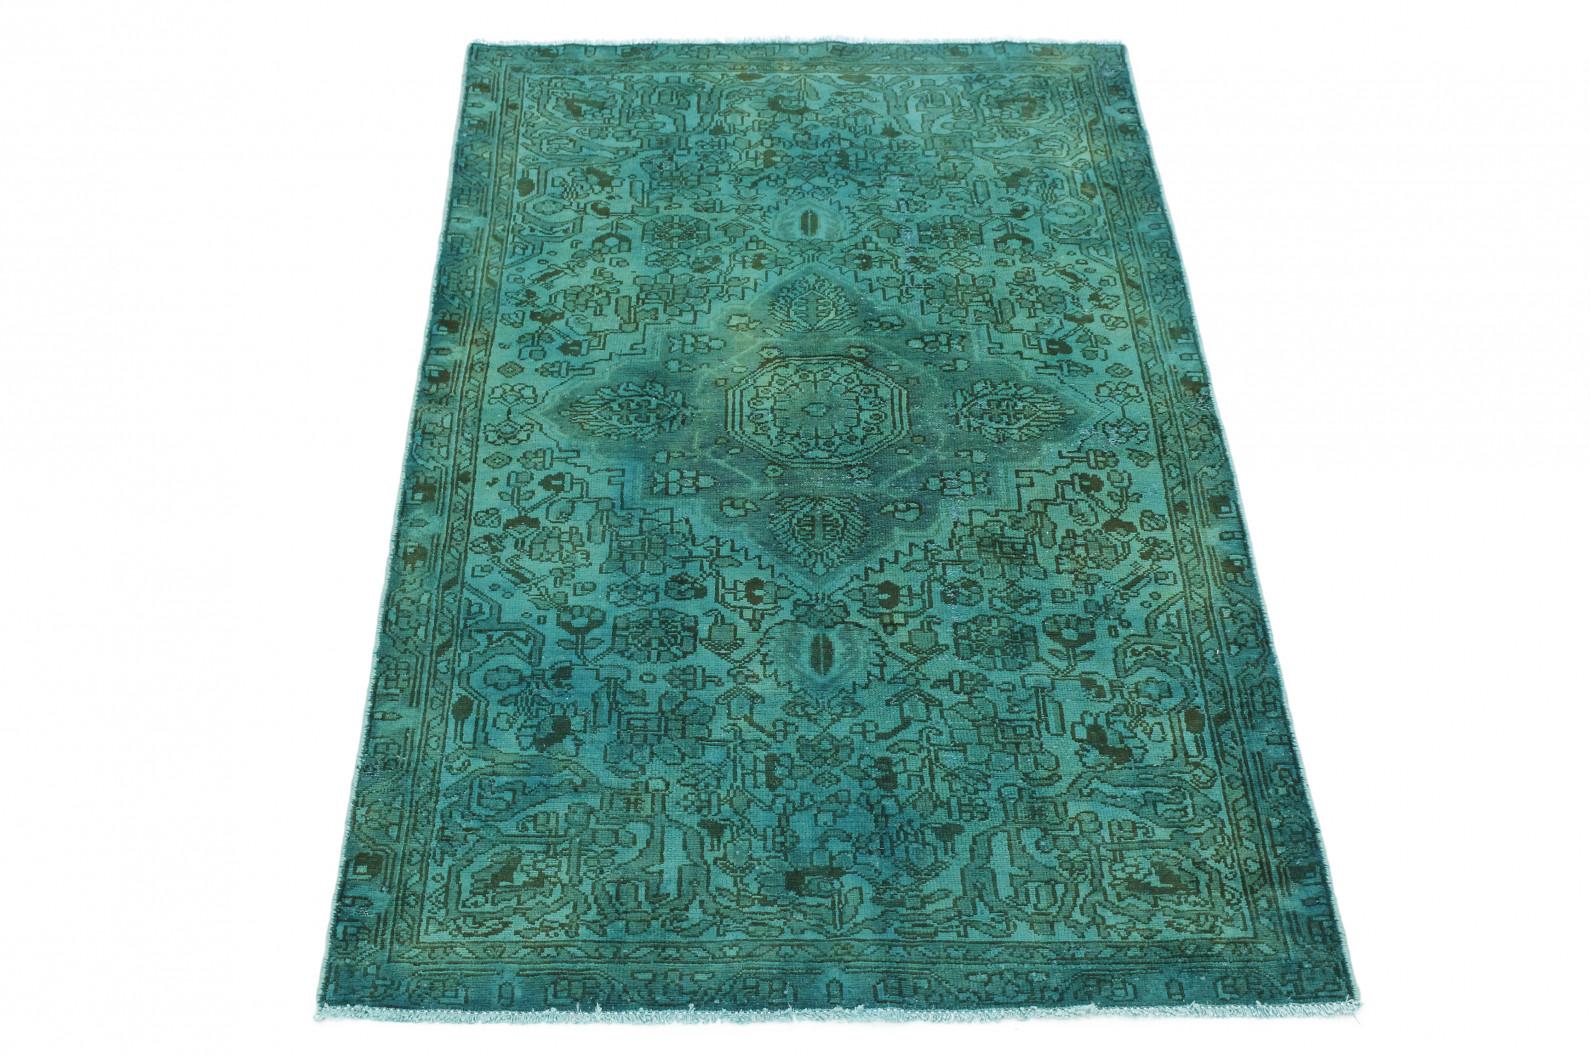 Vintage Teppich Türkis Grün in 200x130